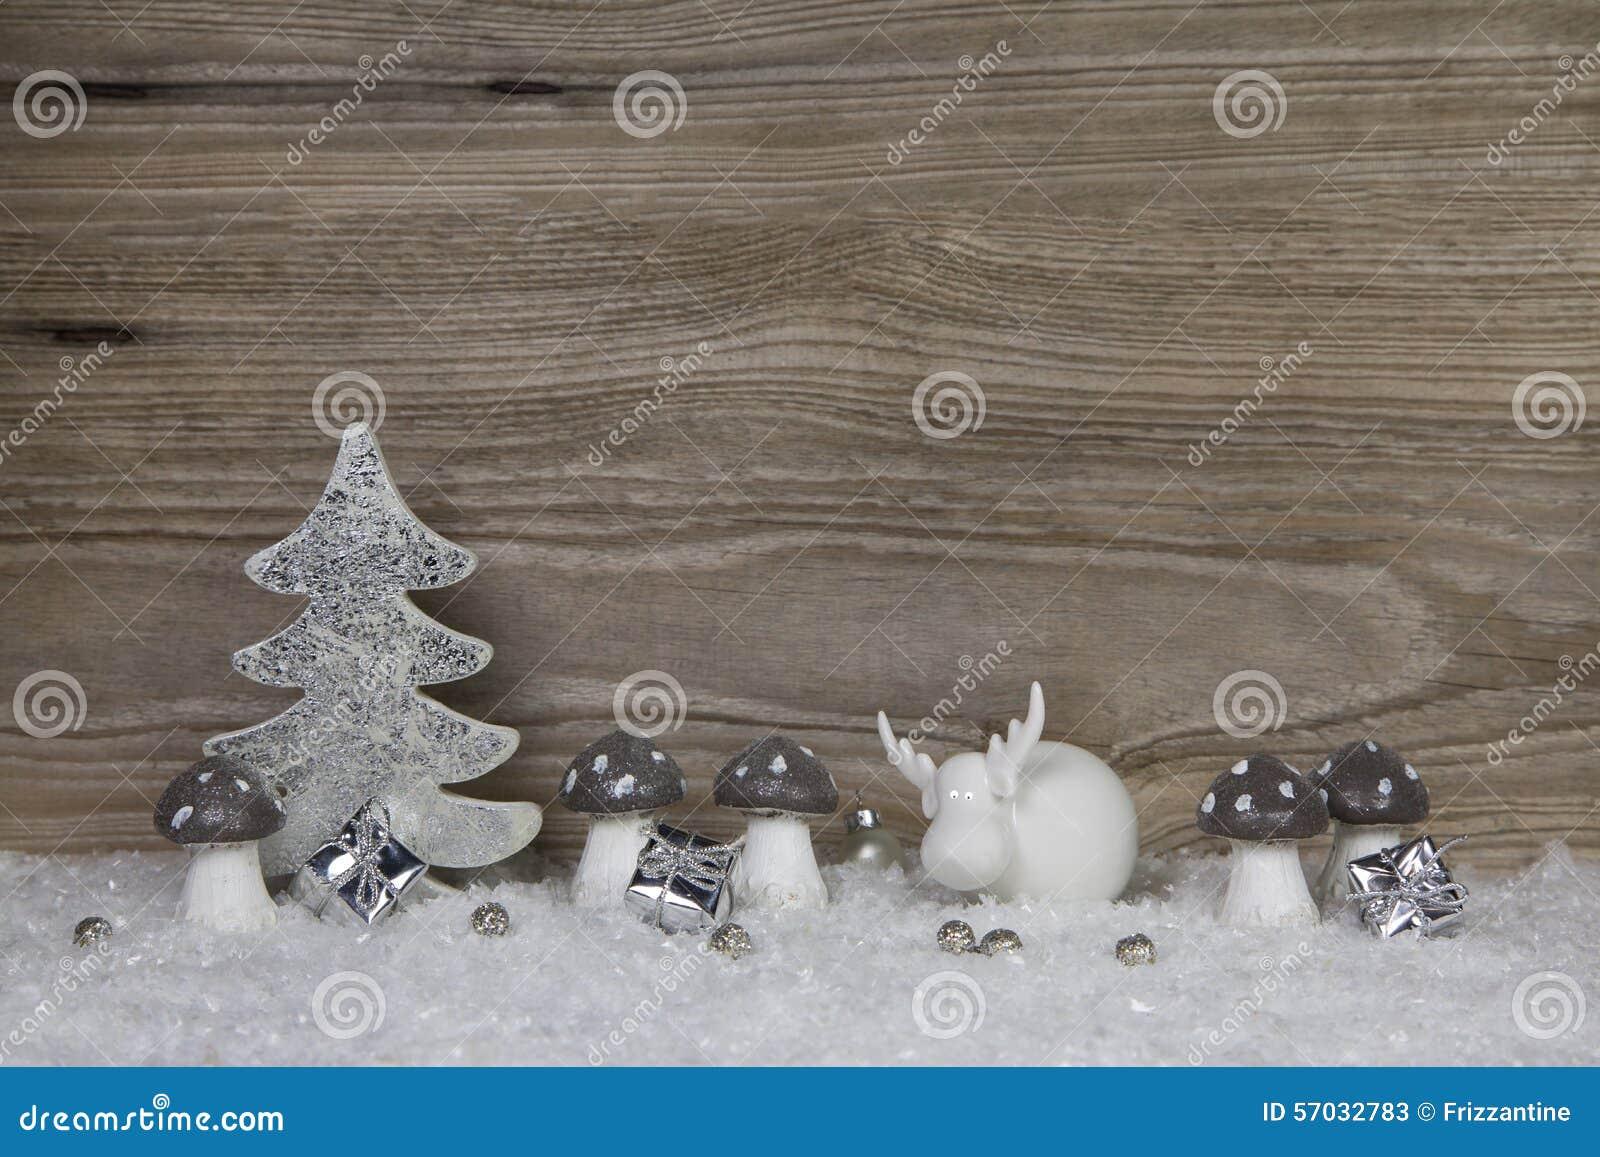 brancoprata decoracao: Com A Decoração No Branco, Prata E Foto de Stock – Imagem: 57032783